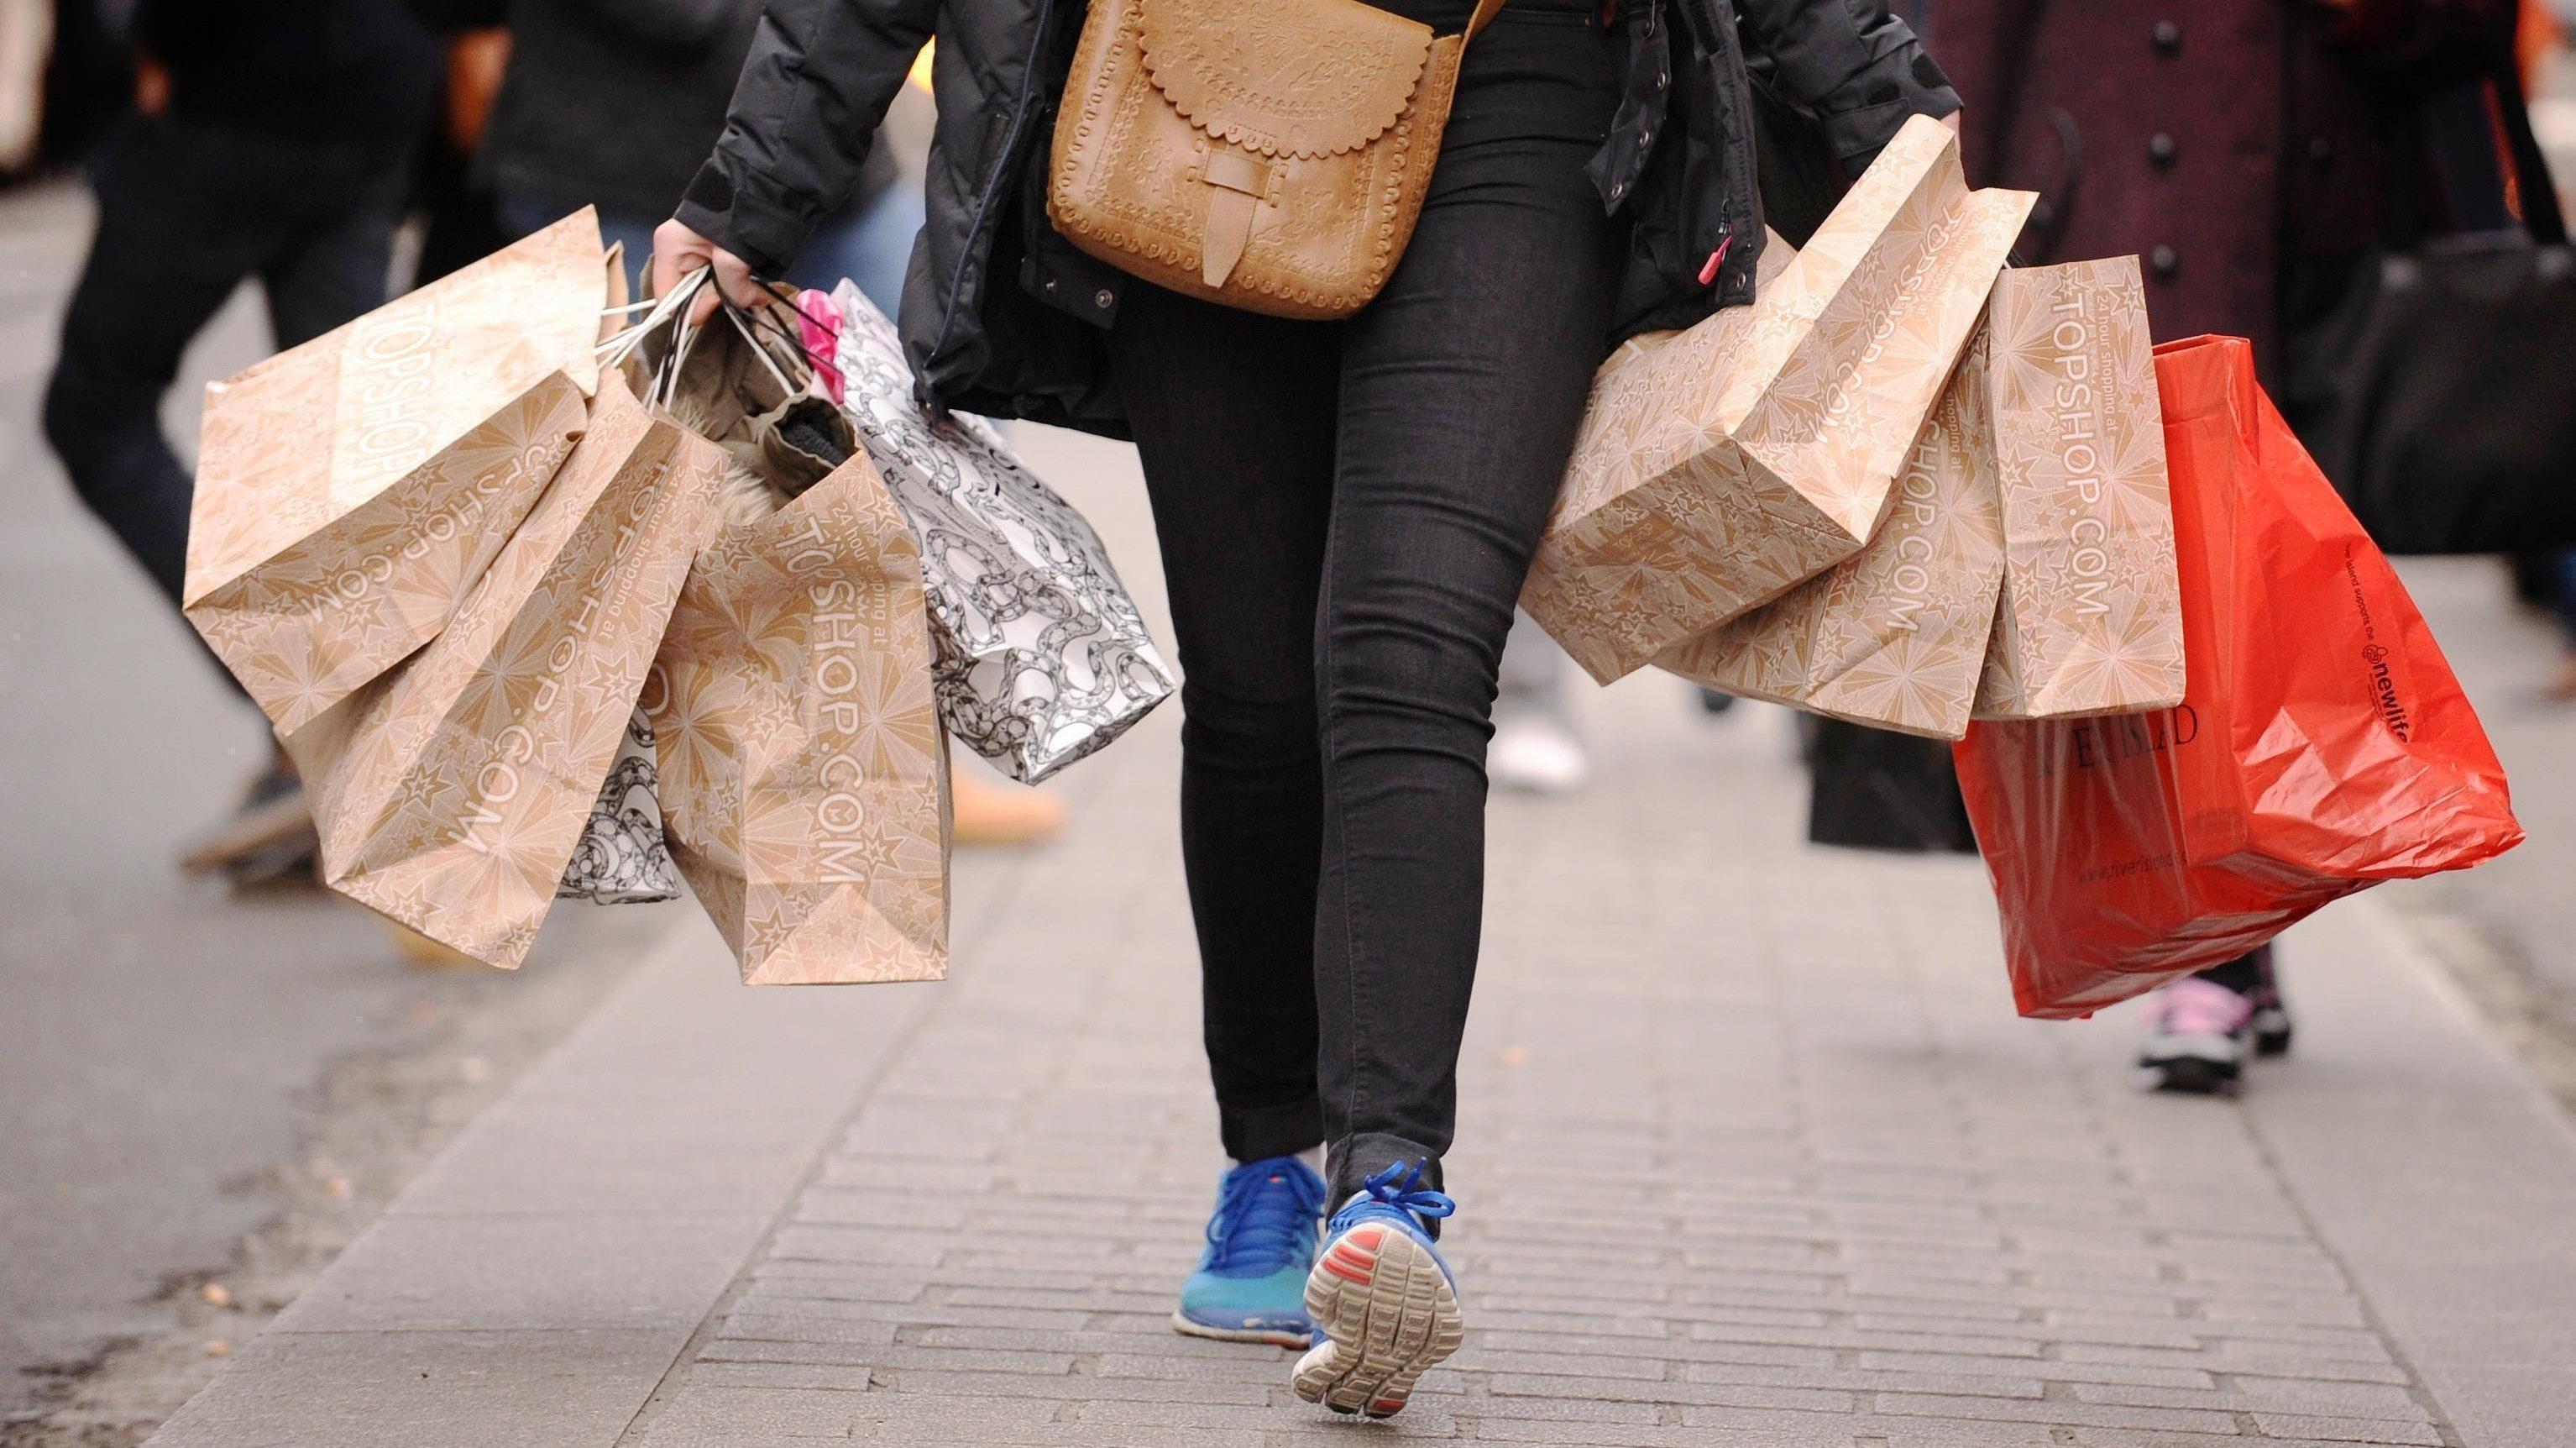 Volle Einkaufstaschen: Das wünschen sich auch die Einzelhändler in Garrel für kommenden Sonntag. Symbolfoto:Dominic Lipinski/dpa